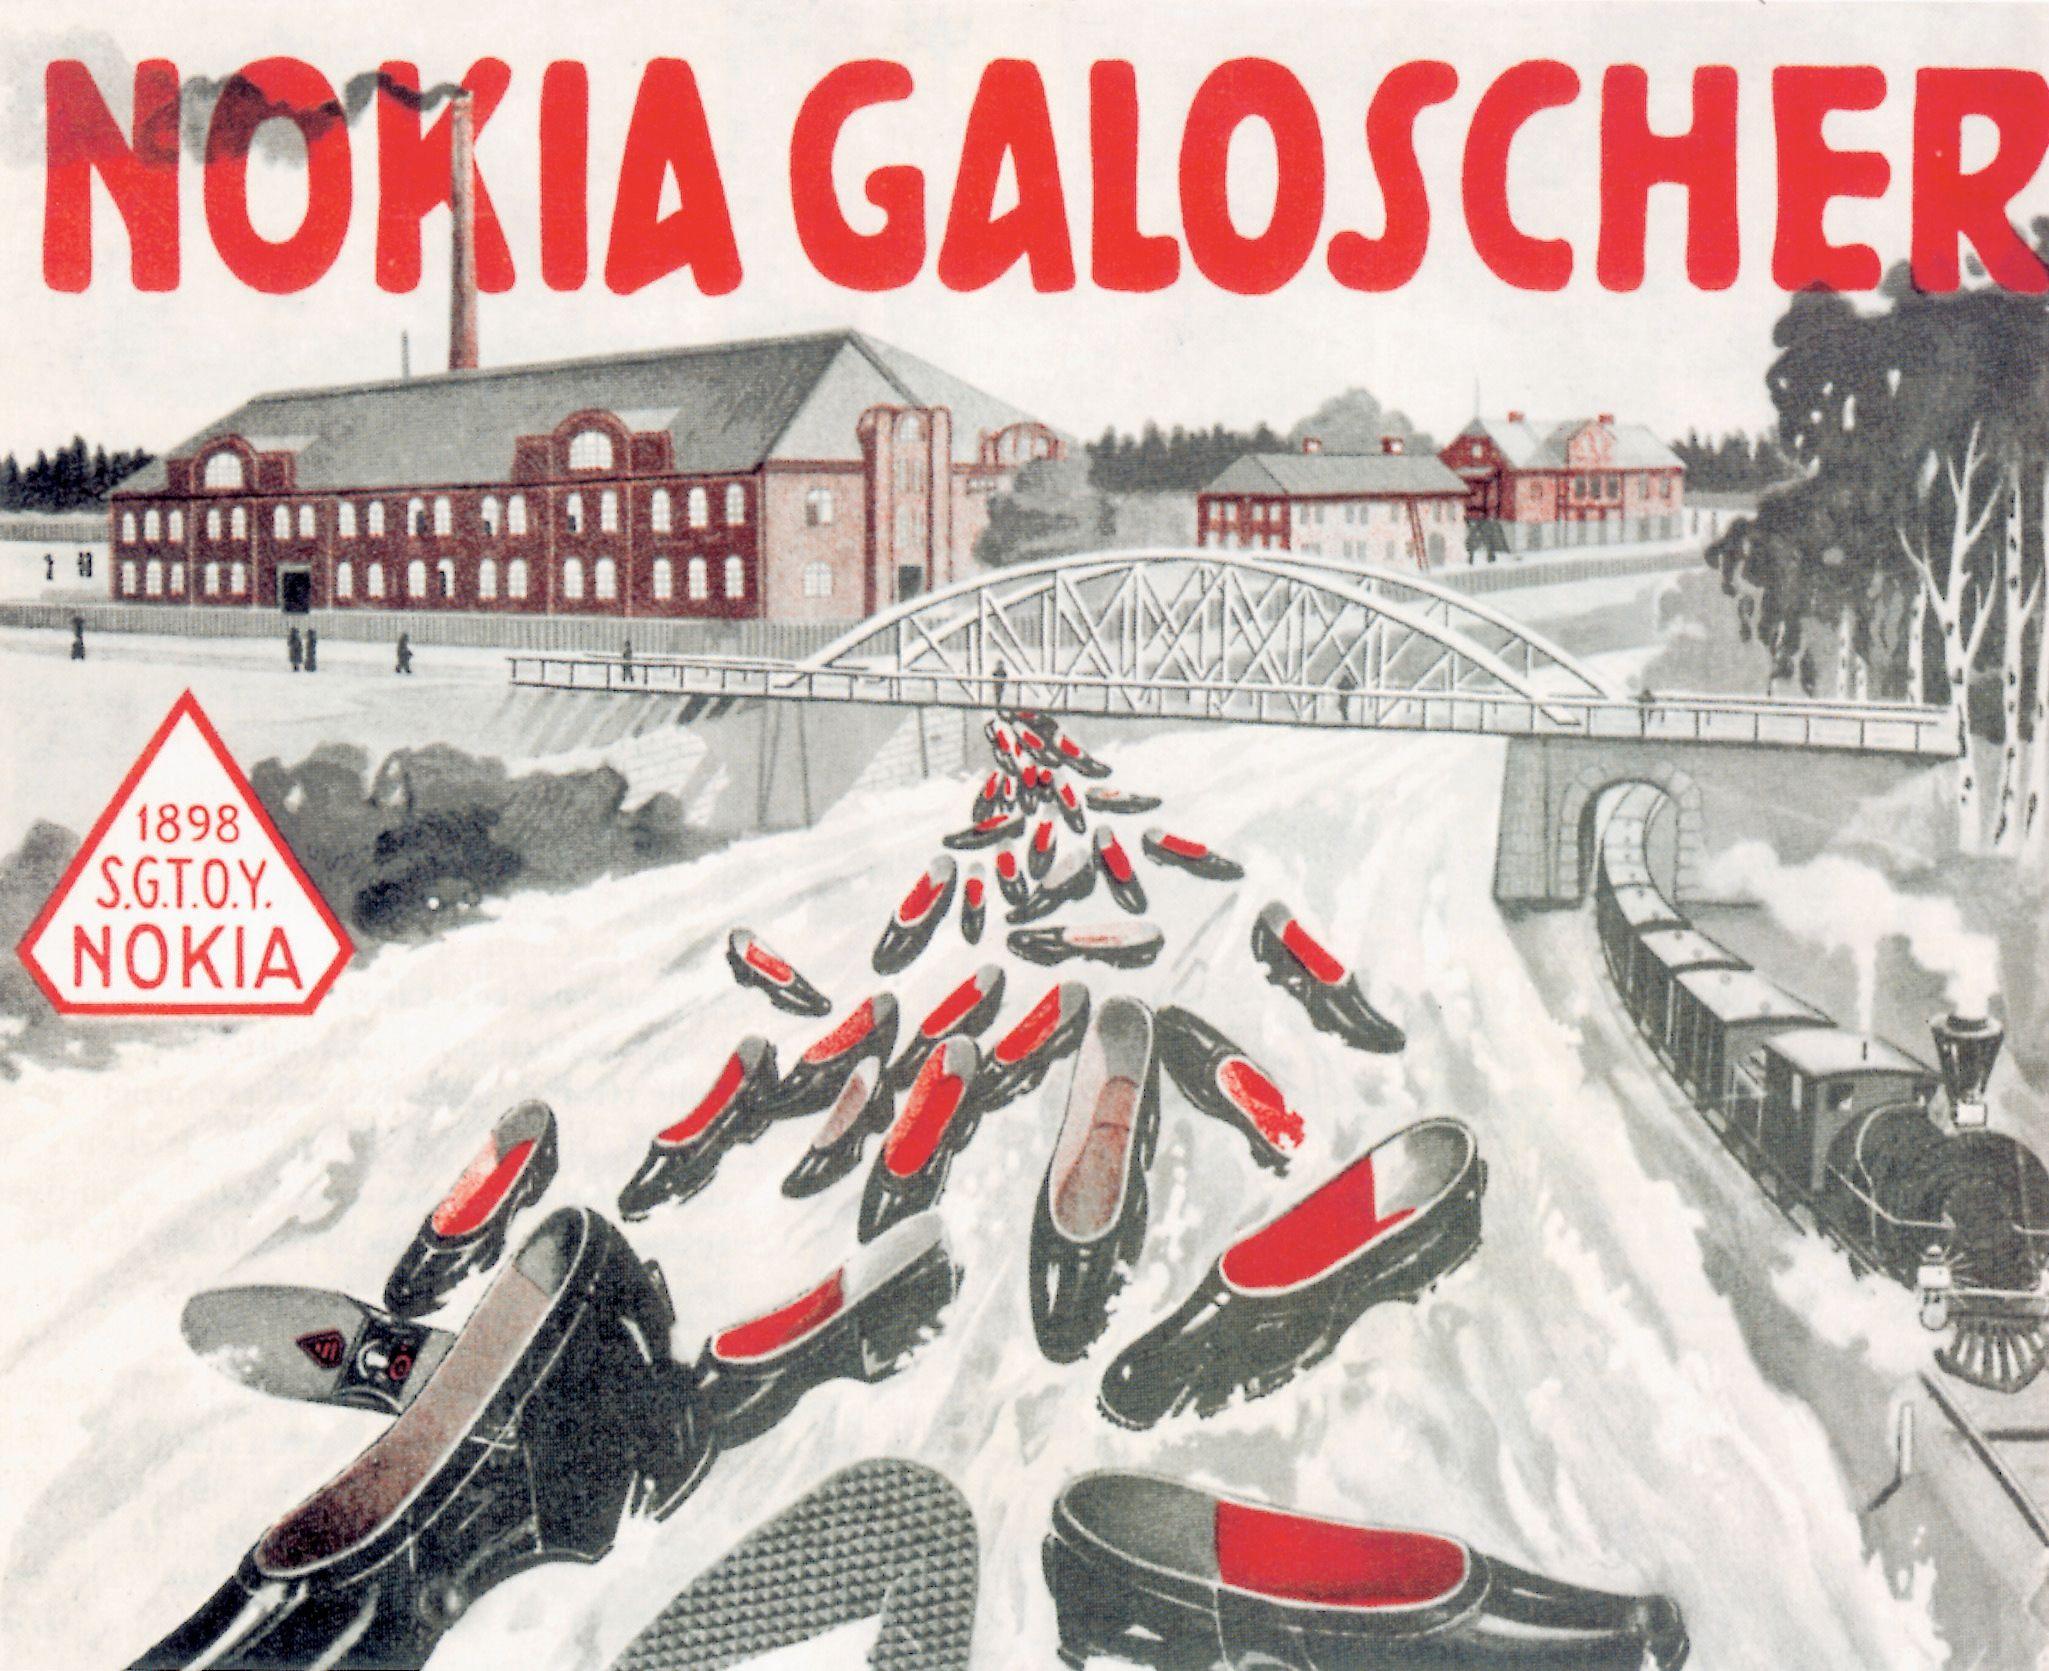 Denne reklameplakaten fra 1905 er for Nokia-kalosjer fra Finnish Rubber Works.